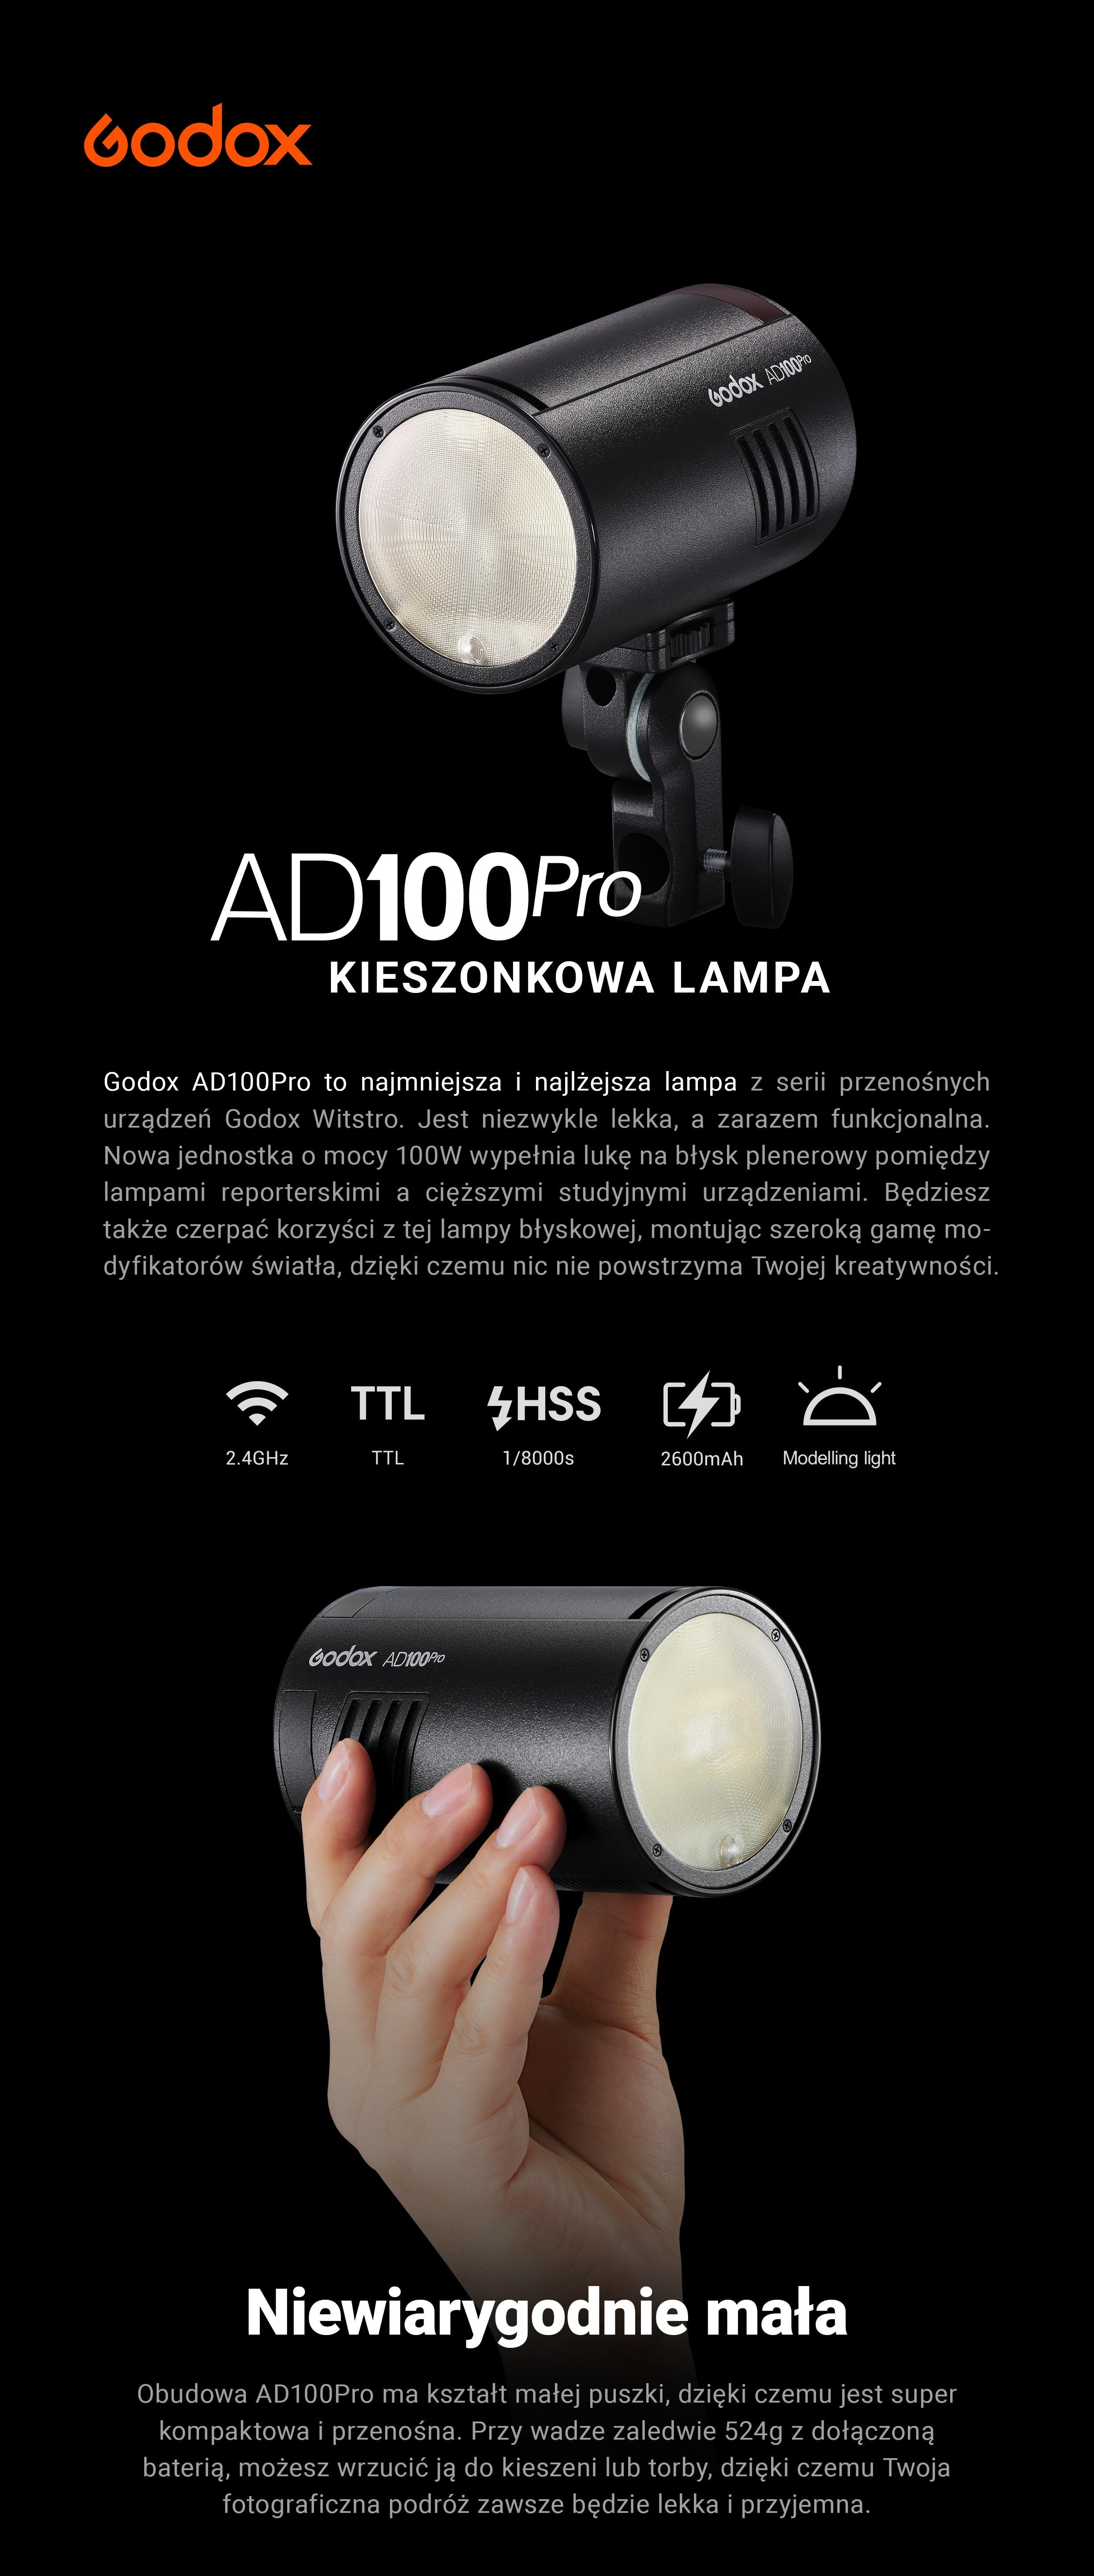 Godox AD100Pro kieszonkowa lampa. Niewiarygodnie mała i lekka.